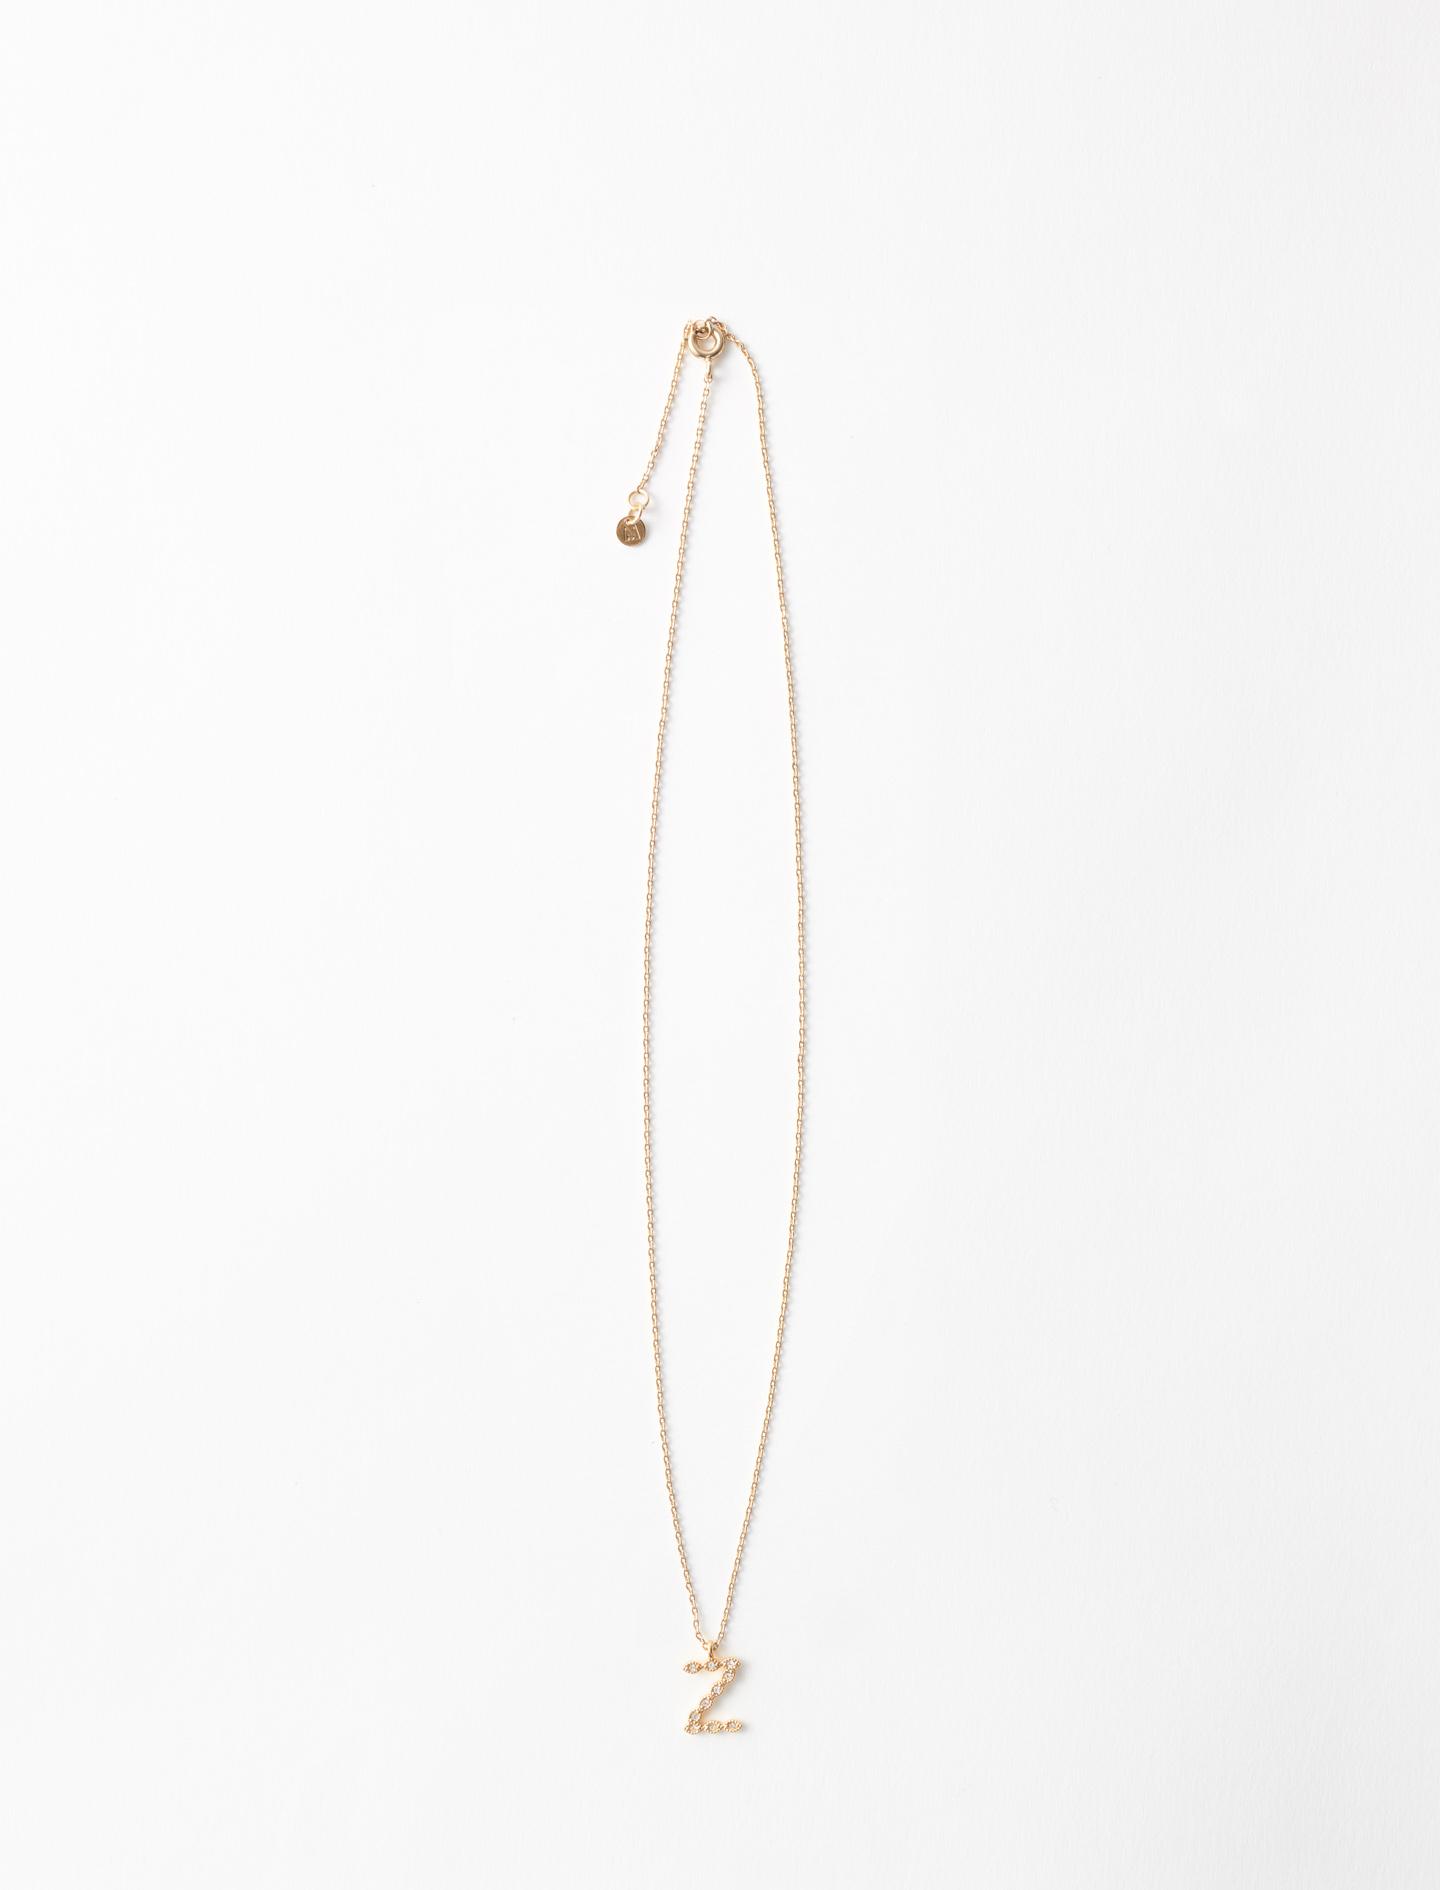 Rhinestone Z necklace - Gold